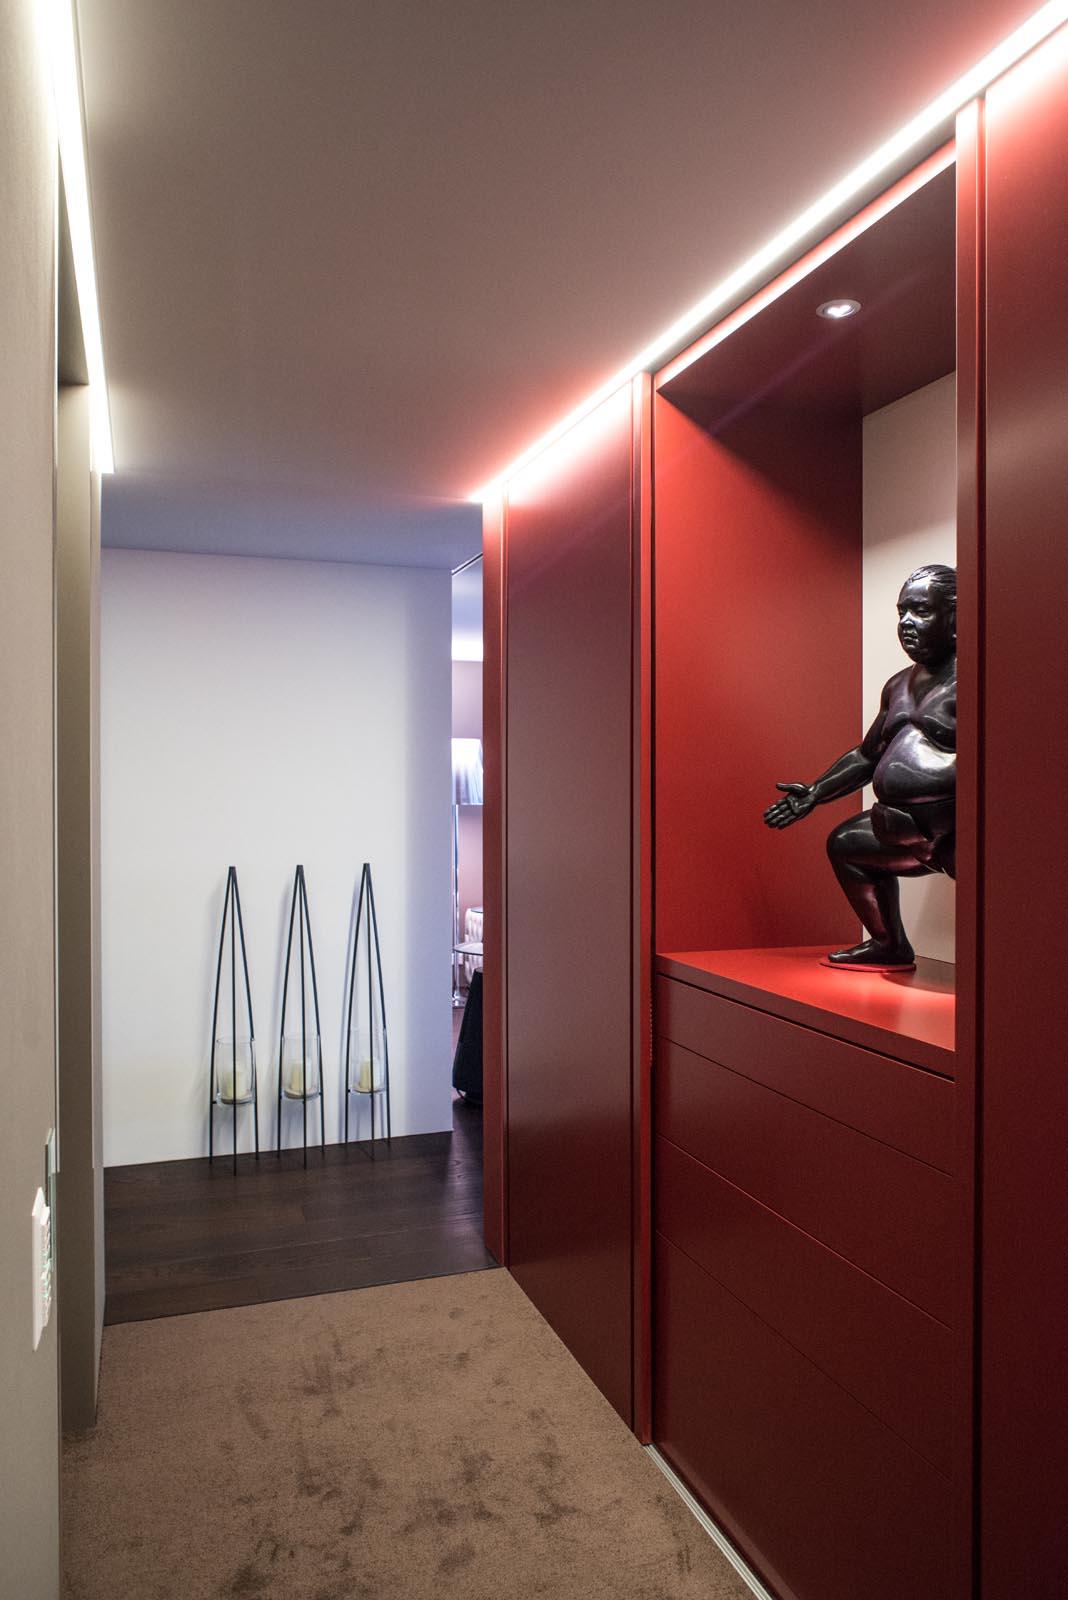 Innenarchitektur Zug urbanes design mit moderner innenarchitektur in zug regula hotz raumgestaltung